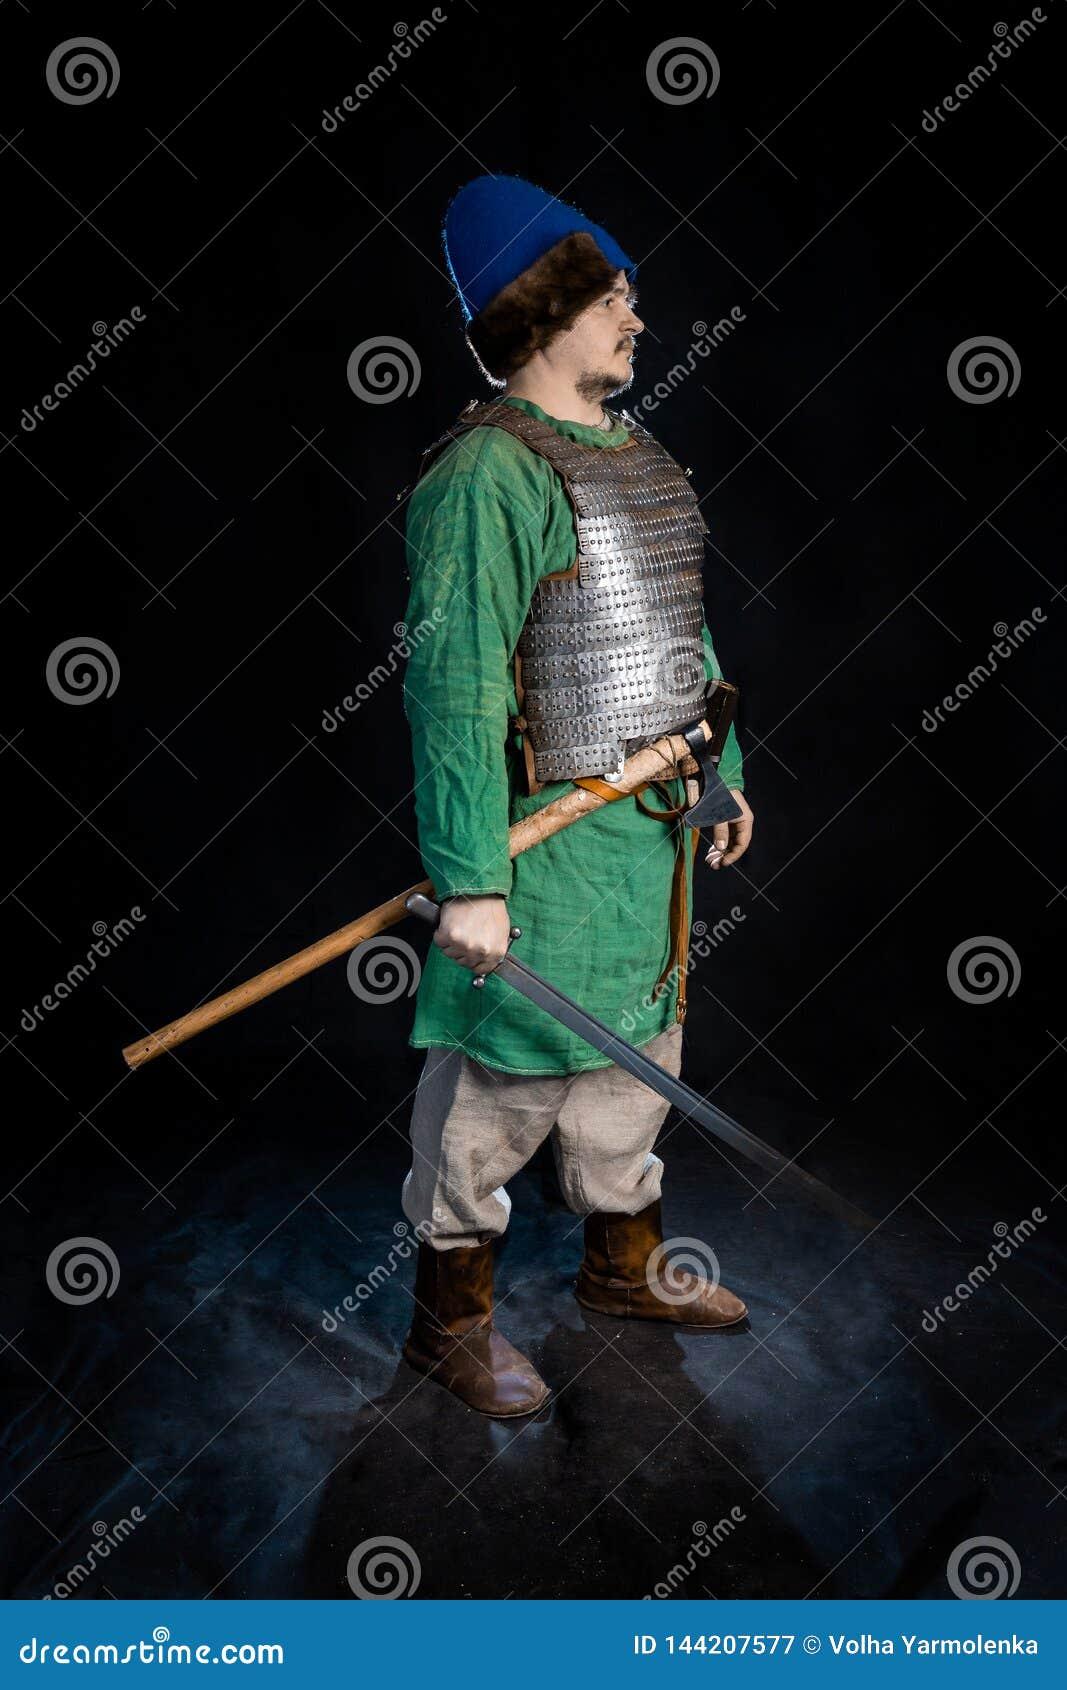 Σλαβικός πολεμιστής ηλικίας Βίκινγκ στο τεθωρακισμένο και εκλεκτής ποιότητας καπέλο με το ξίφος και το τσεκούρι